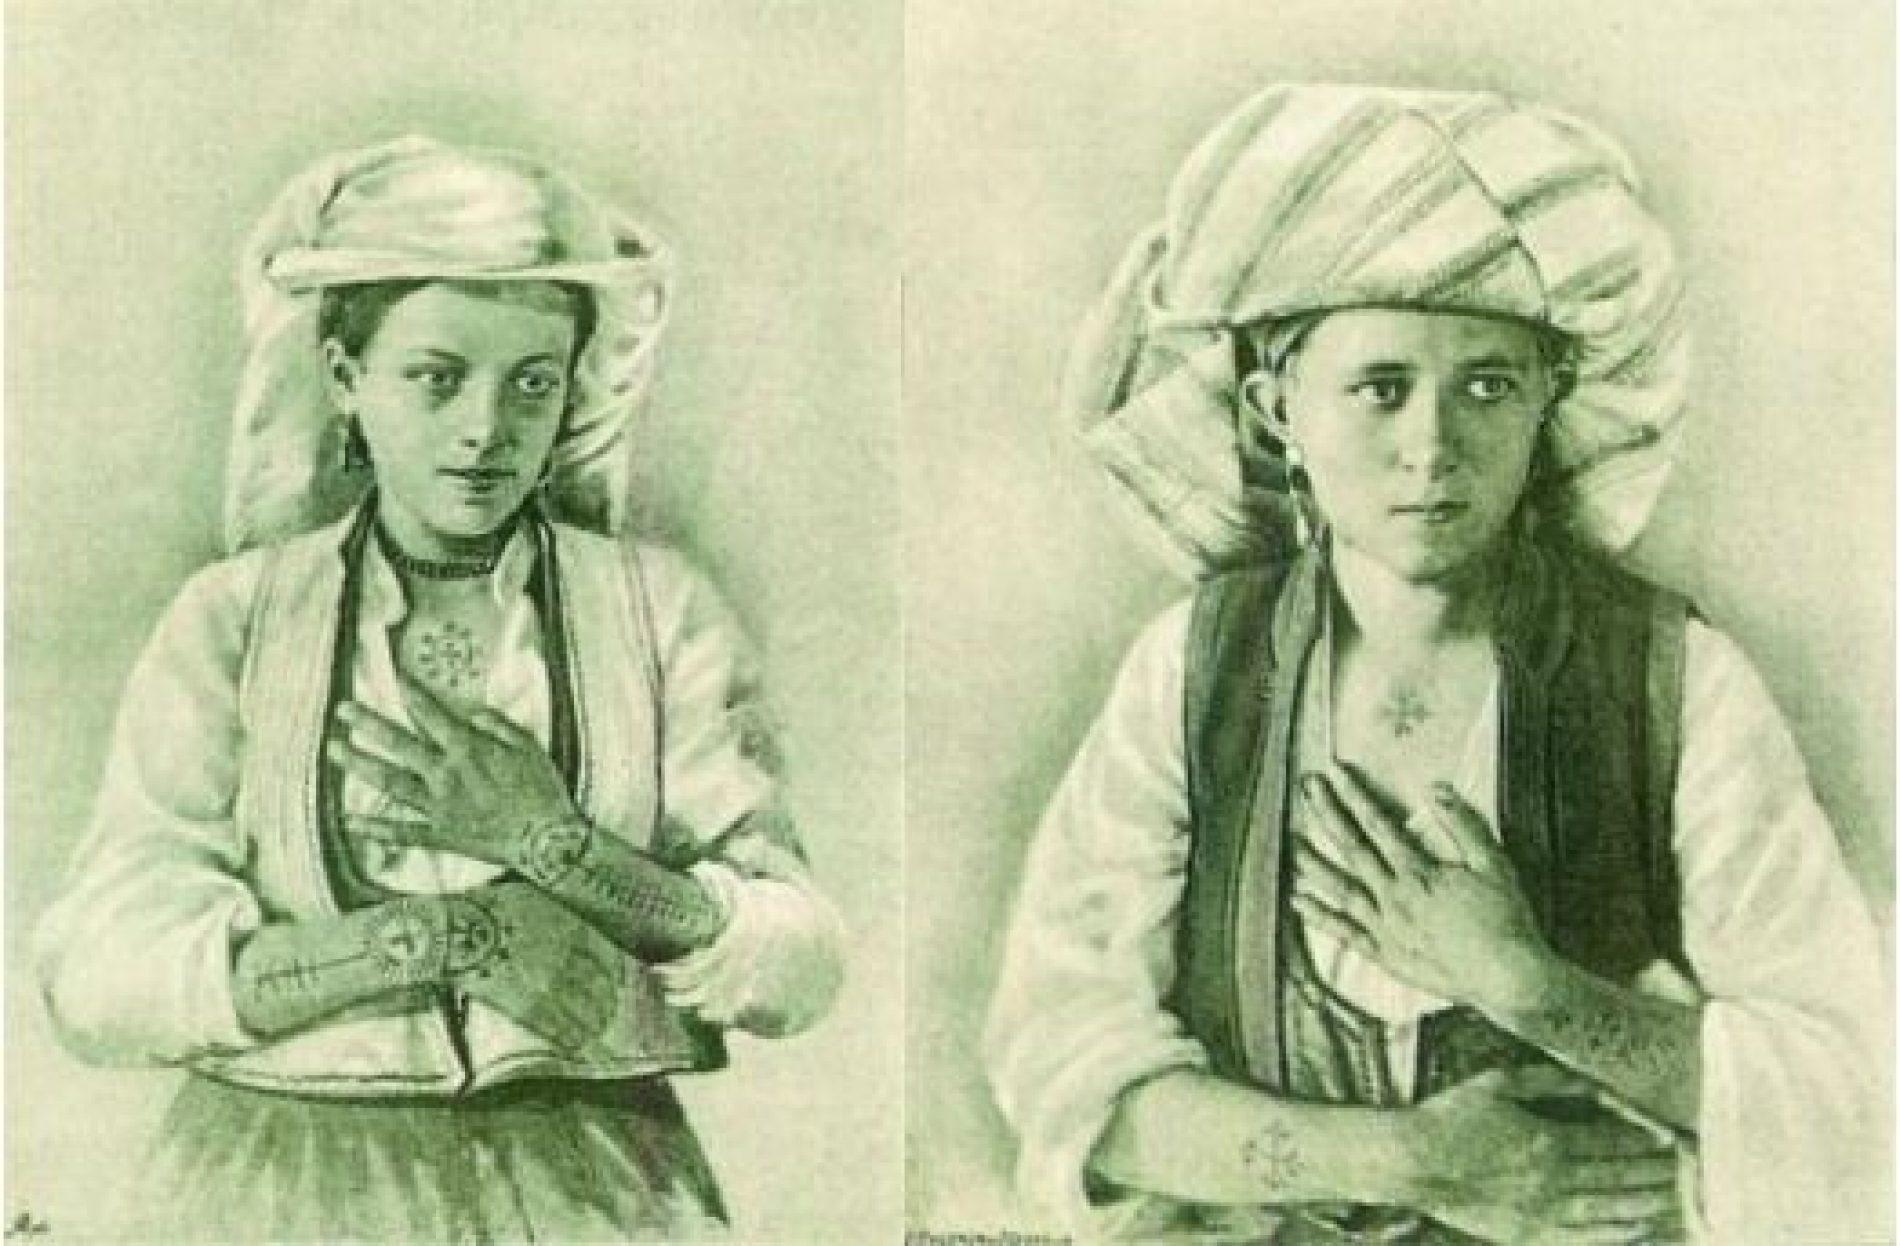 Ilirska tradicija tetoviranja i danas zastupljena kod bosanskih žena u centralnim dijelovima zemlje (Video)